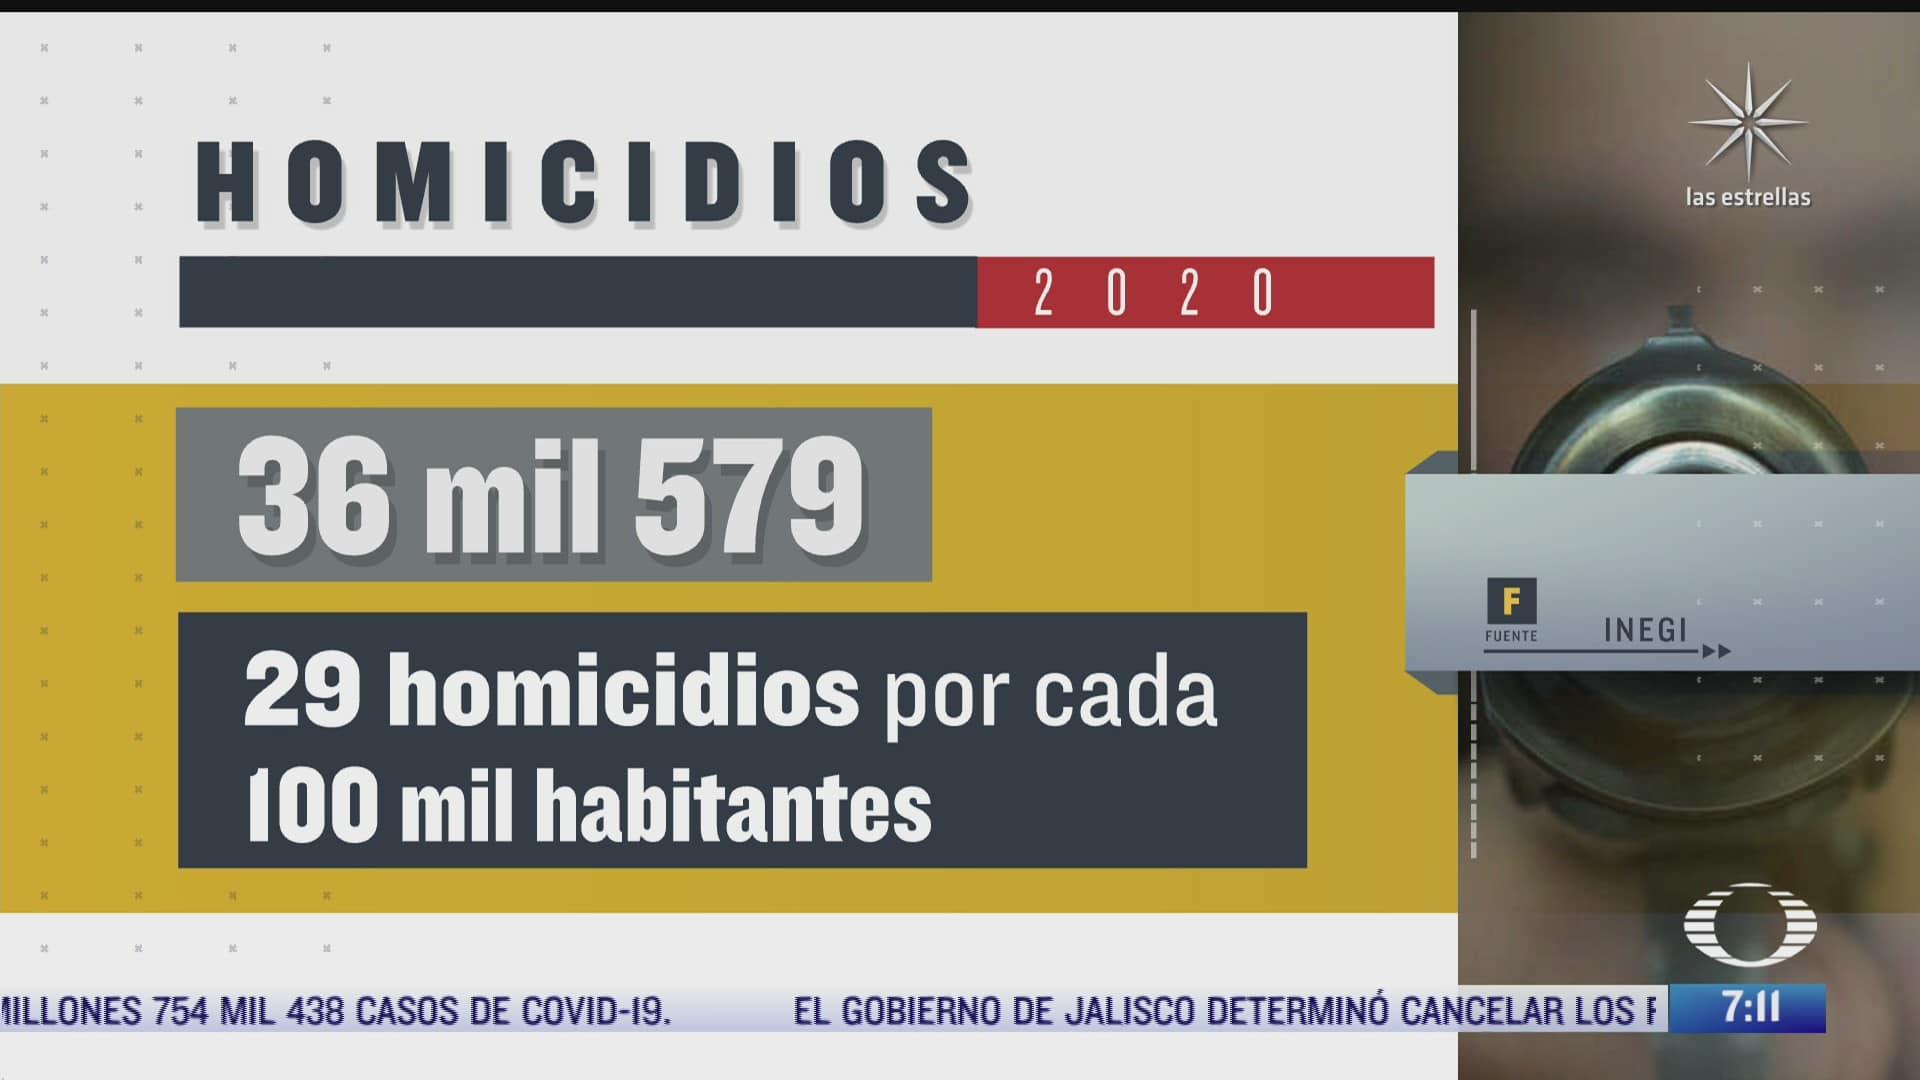 en 2020 se registraron 36 579 homicidios en mexico